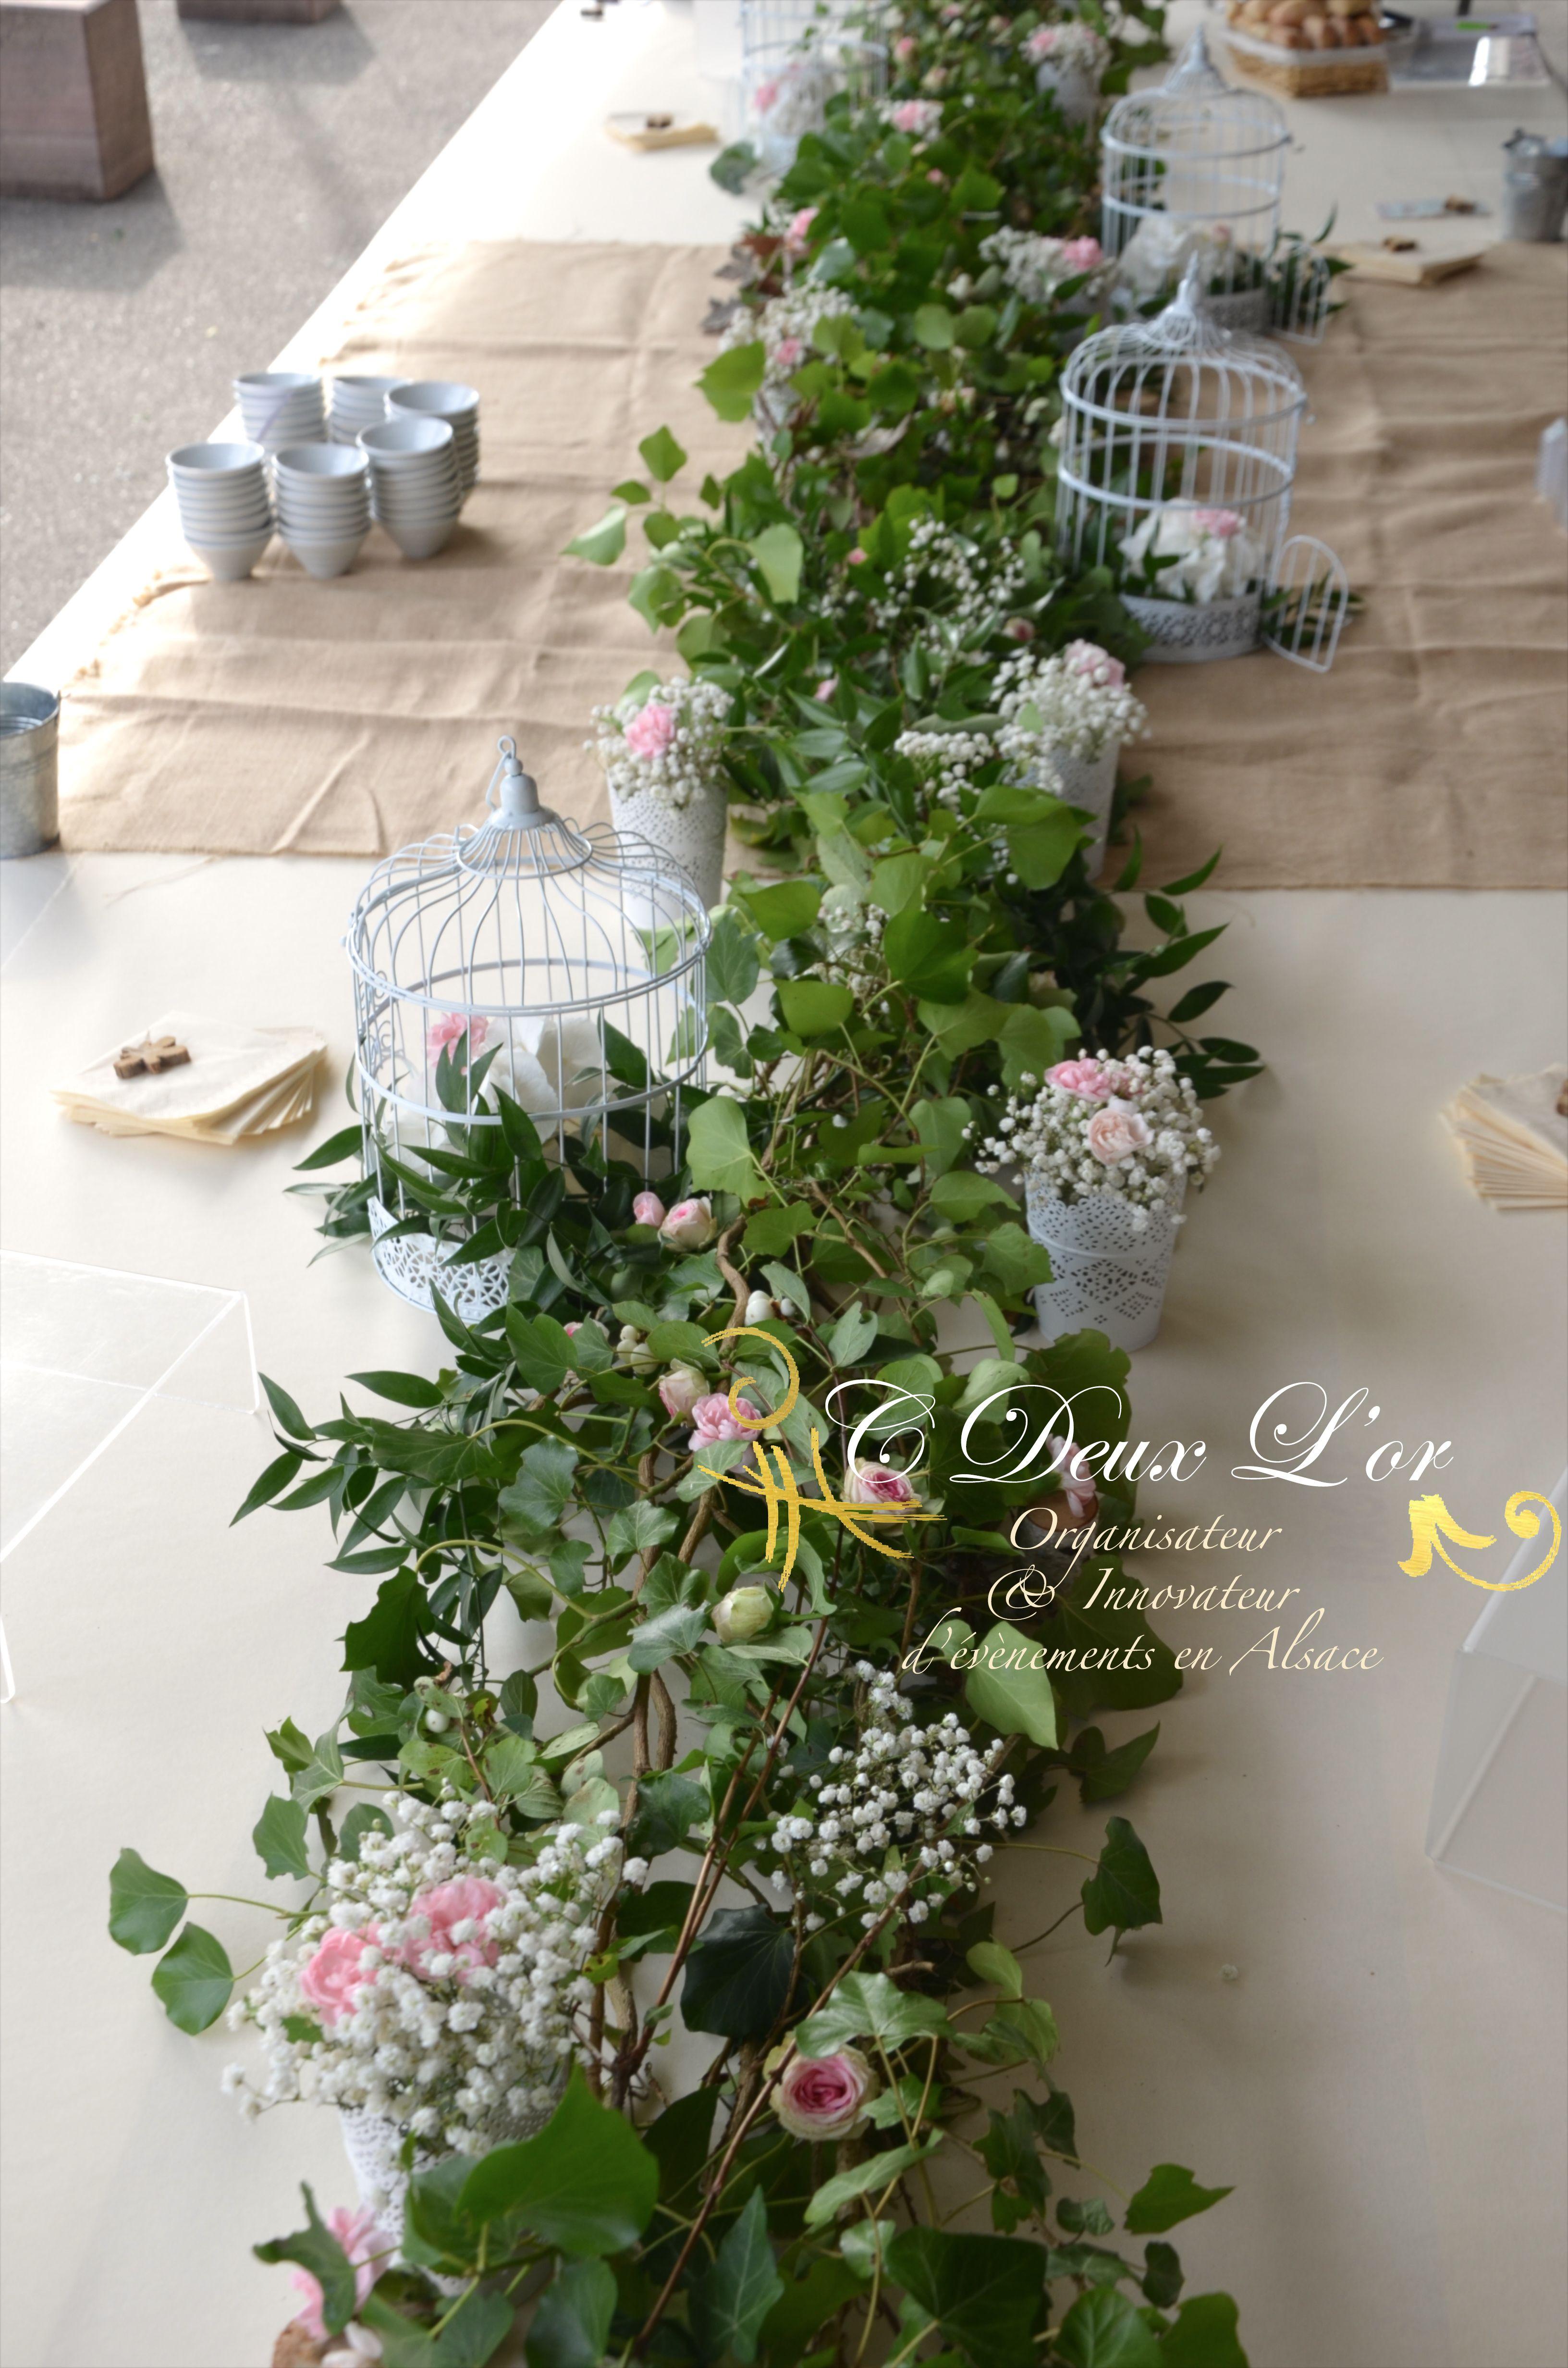 Mariage Nature Décoration Chemin de table Feuilles Fleurs